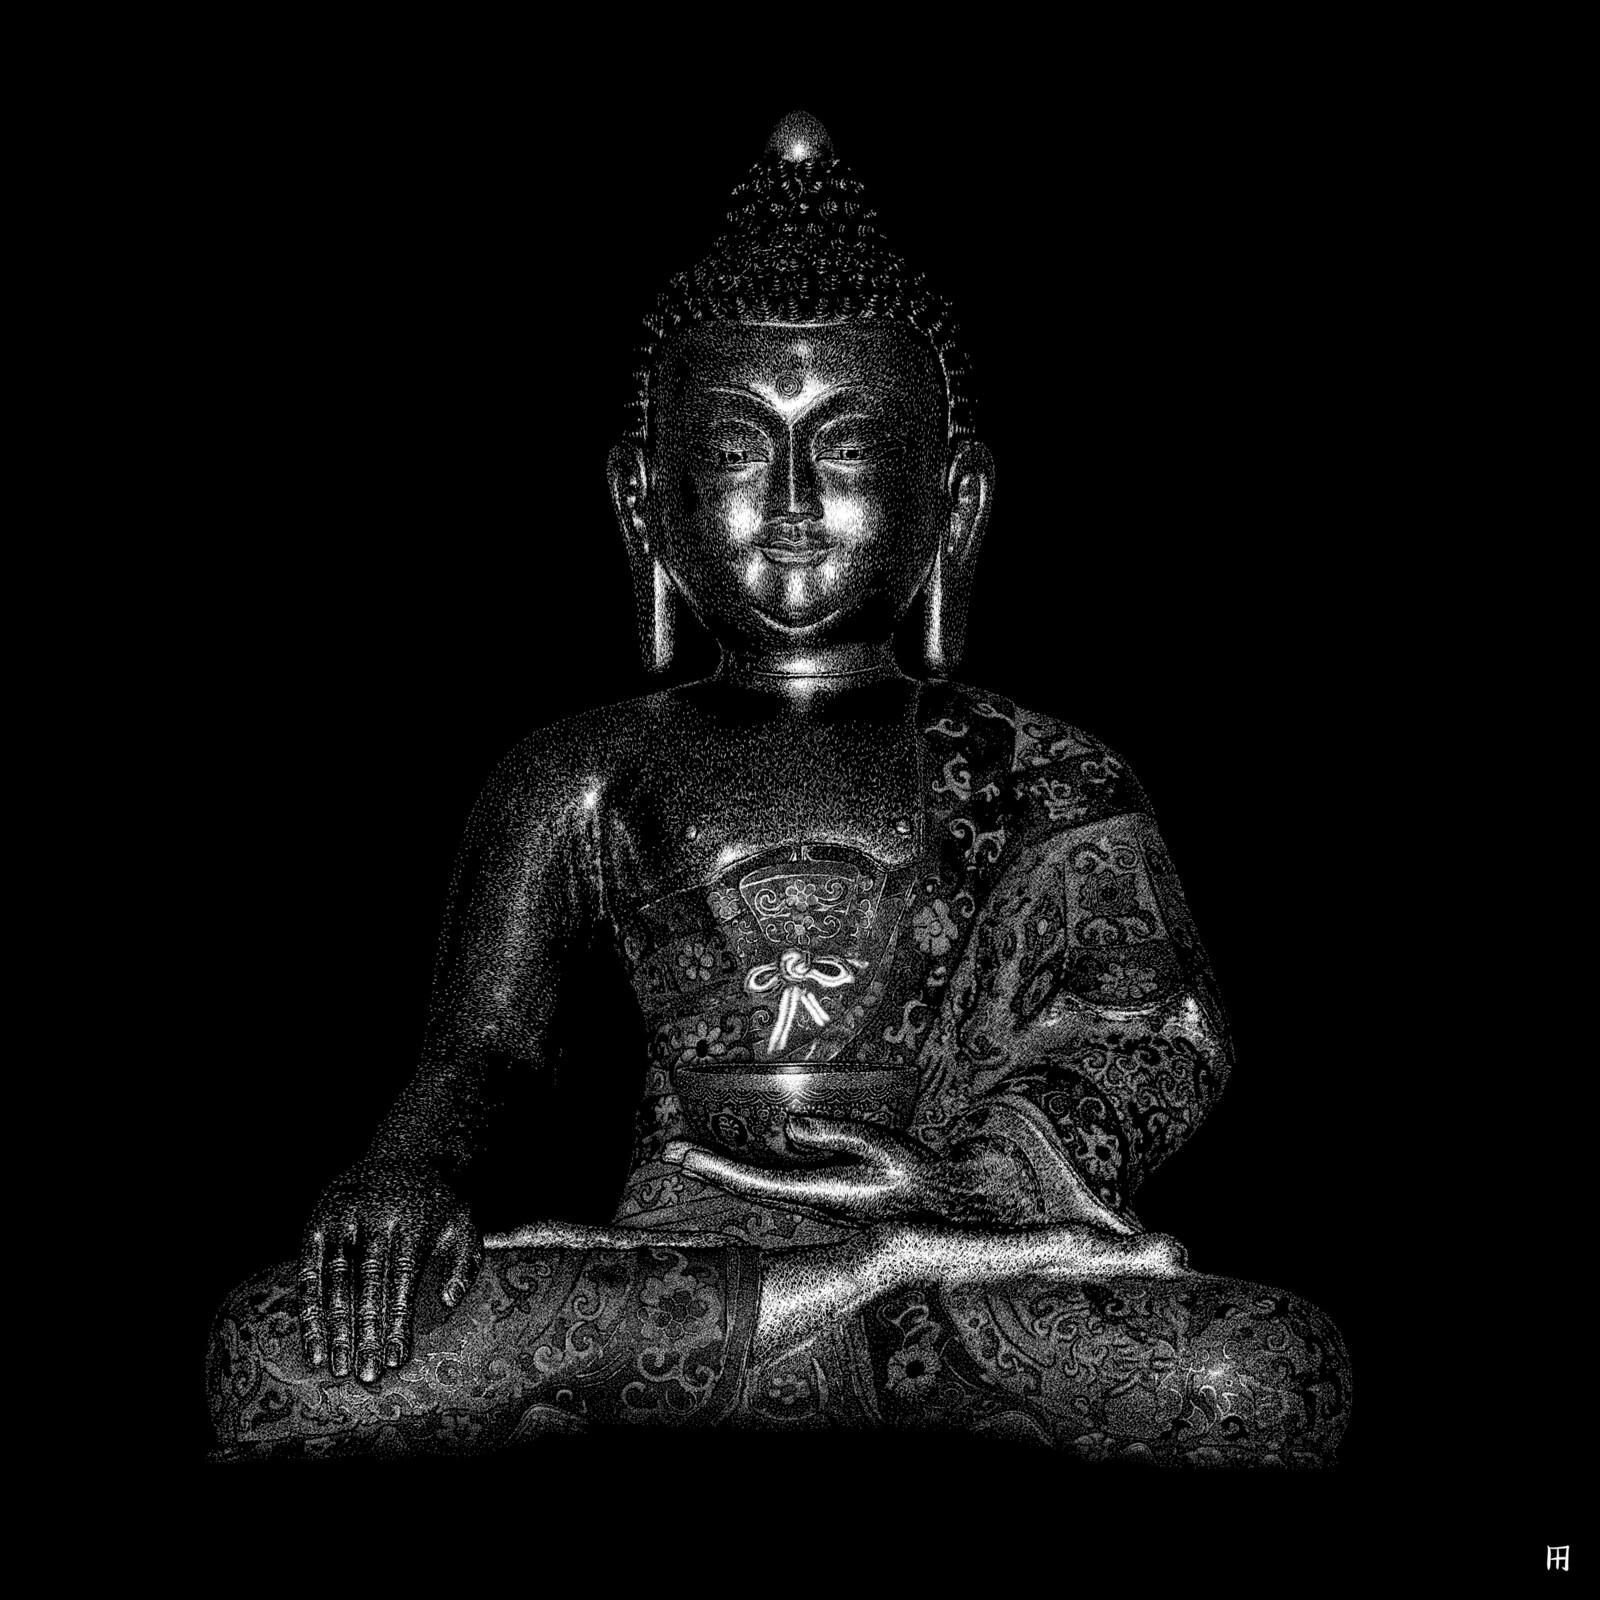 Buddha Digital scratchboard, june 2019